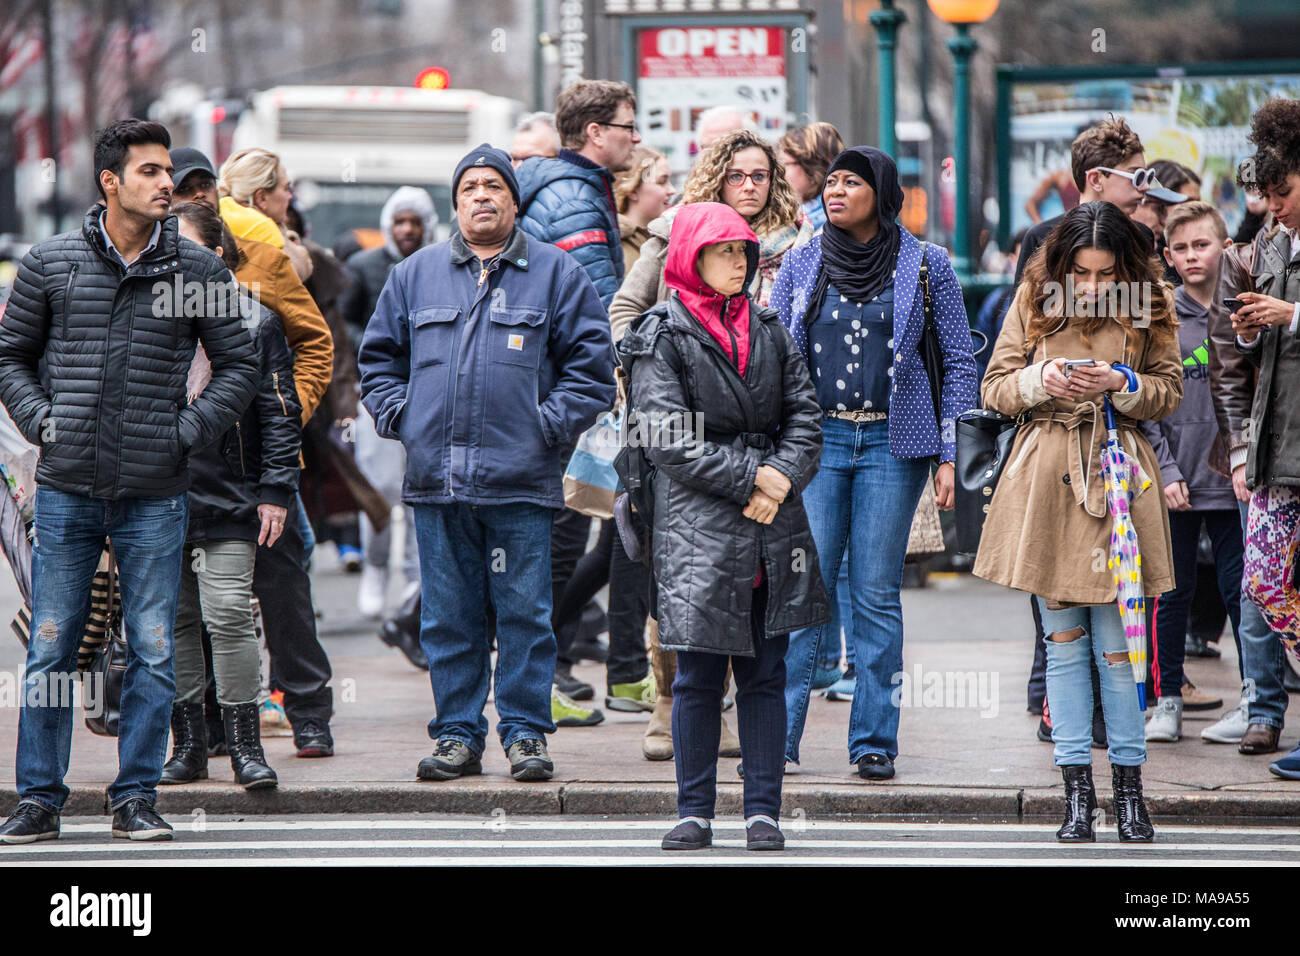 NEW YORK CITY - 29 MARS 2018 New York City: scène de rue piétonne de diversité des personnes qui traversent la rue à Midtown Manhattan sur 34th Str Photo Stock